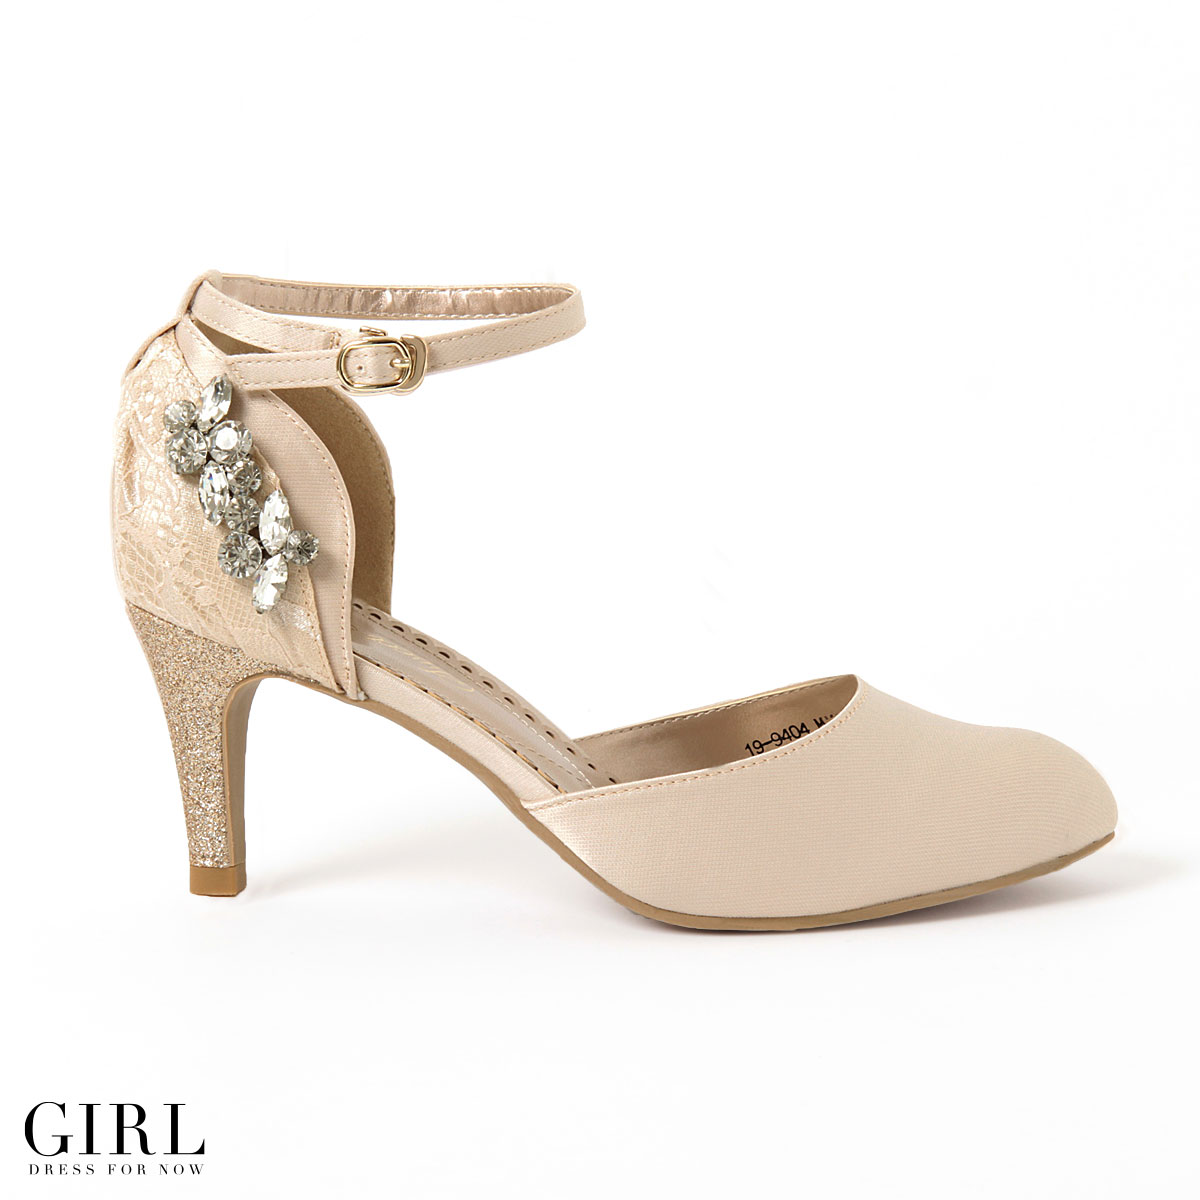 a7d138972ff99 パンプスシューズレディース靴大きいサイズ結婚式パーティーパーティパーティーシューズ柔らか歩きやすい痛く